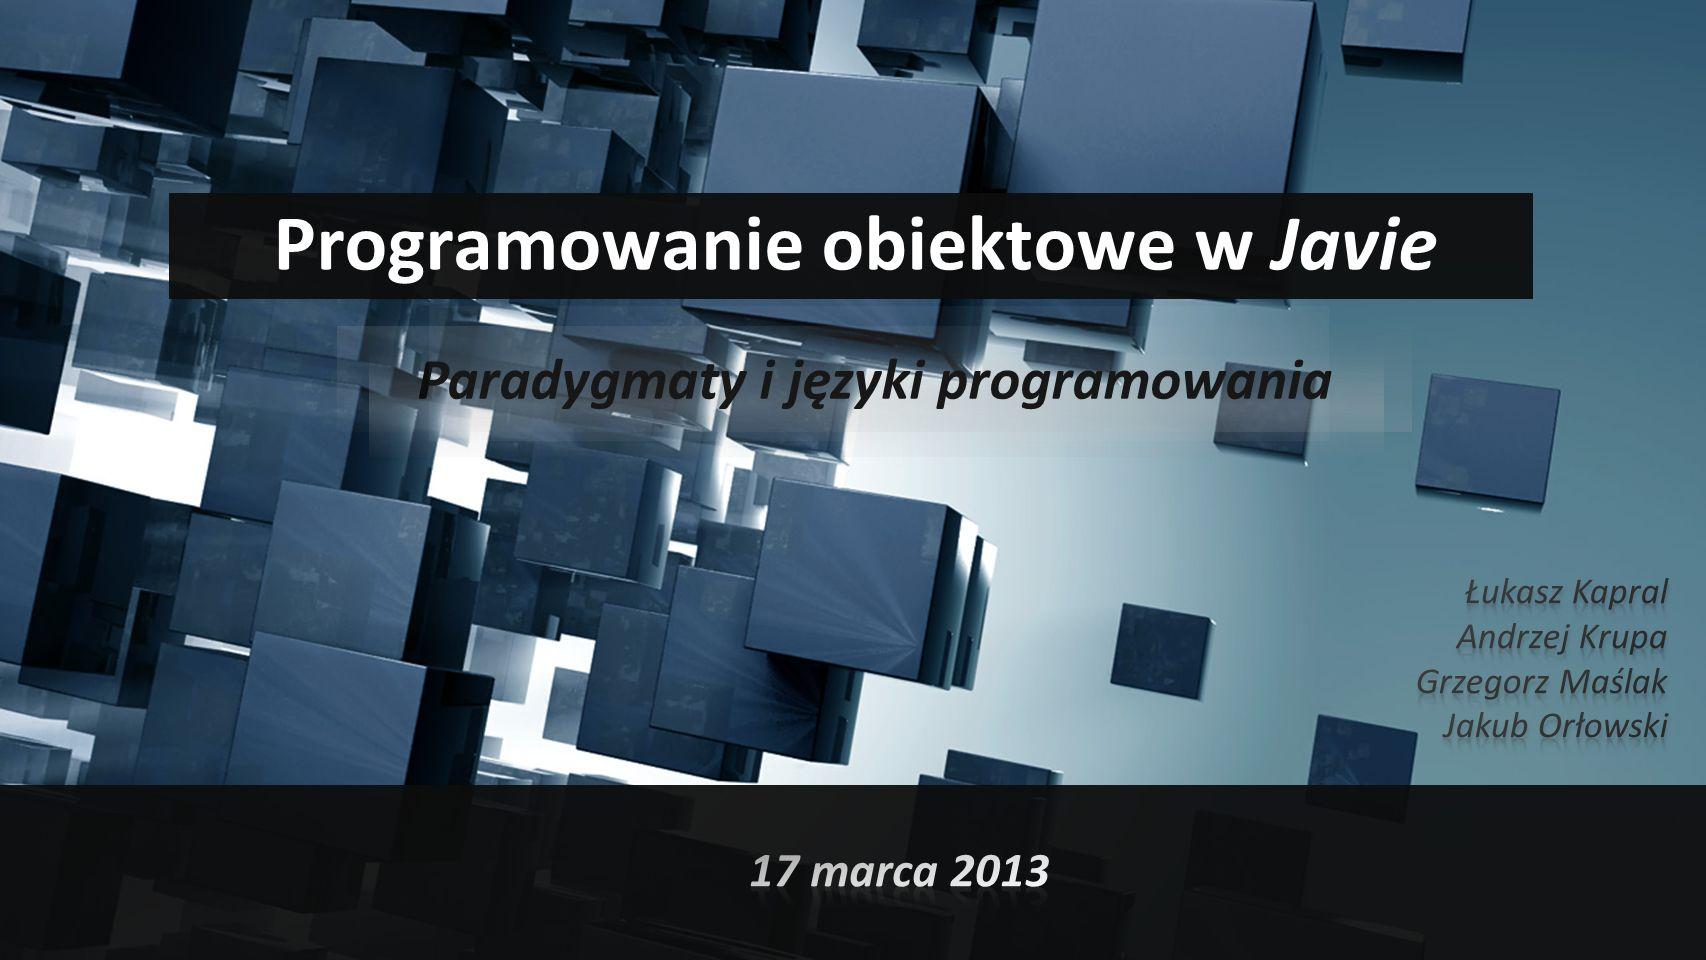 Programowanie obiektowe w Javie